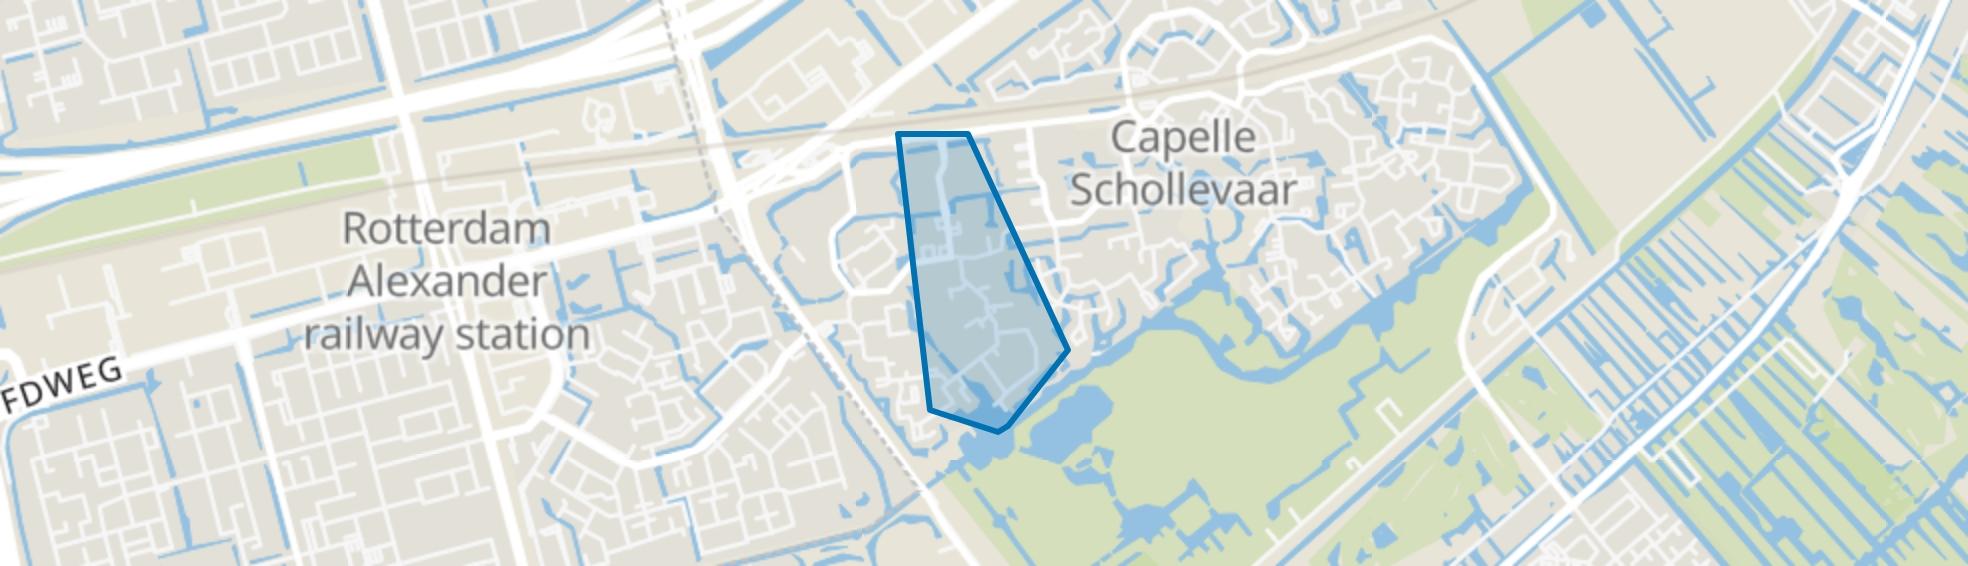 Ervenbuurt, Capelle aan den IJssel map